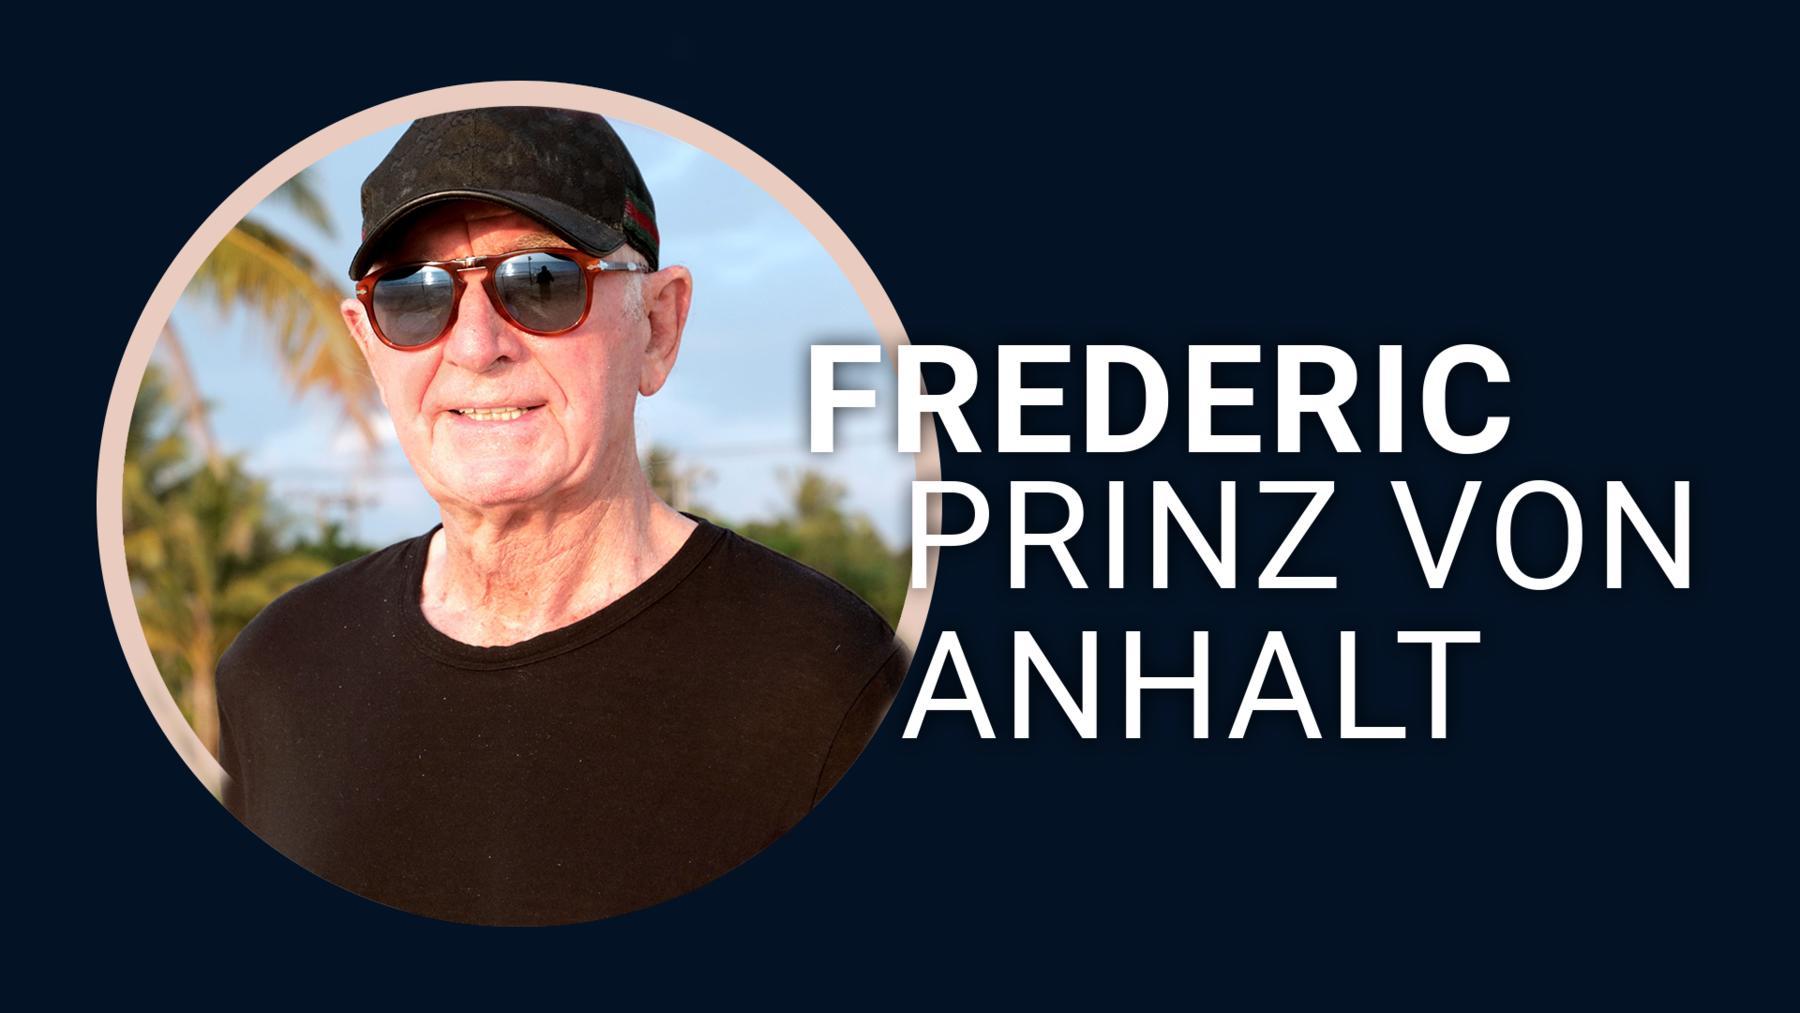 Frederic Prinz von Anhalt